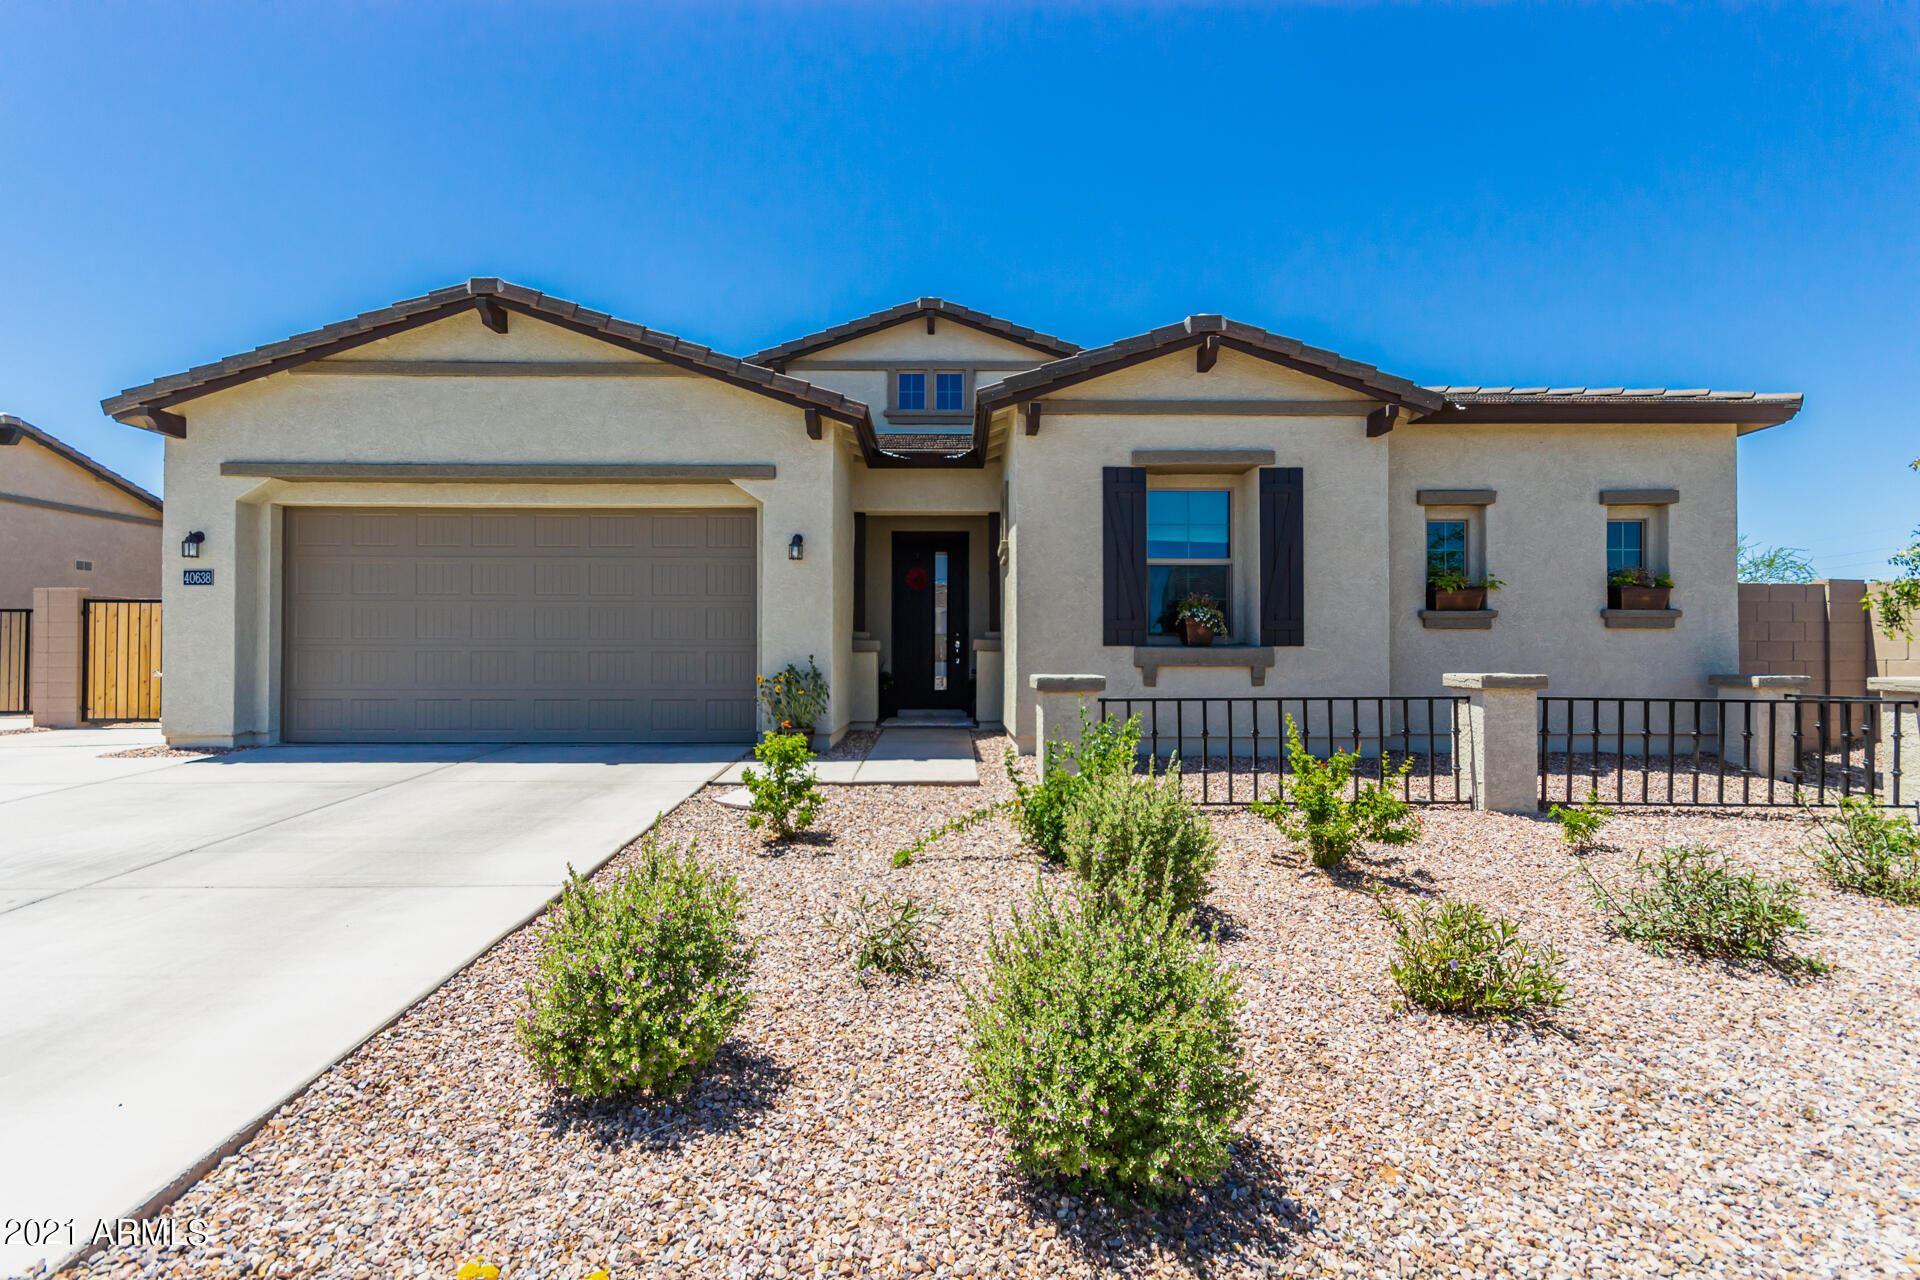 Photo of 40638 N SPOTTED Lane, San Tan Valley, AZ 85140 (MLS # 6231785)